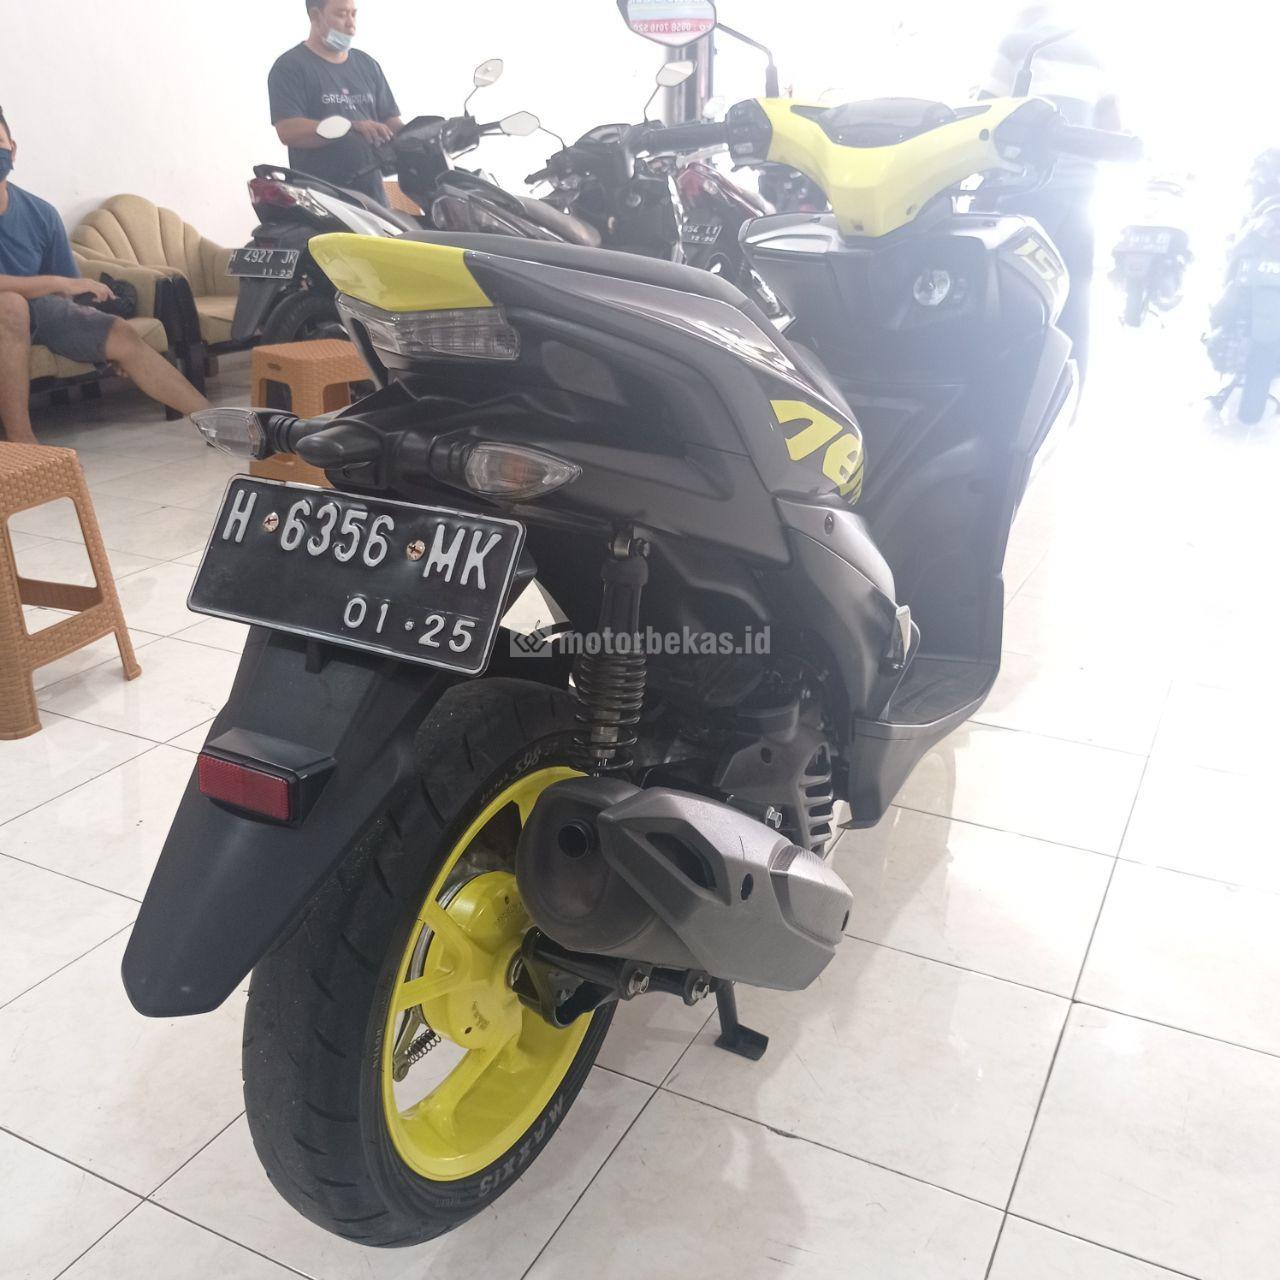 YAMAHA AEROX 155  771 motorbekas.id